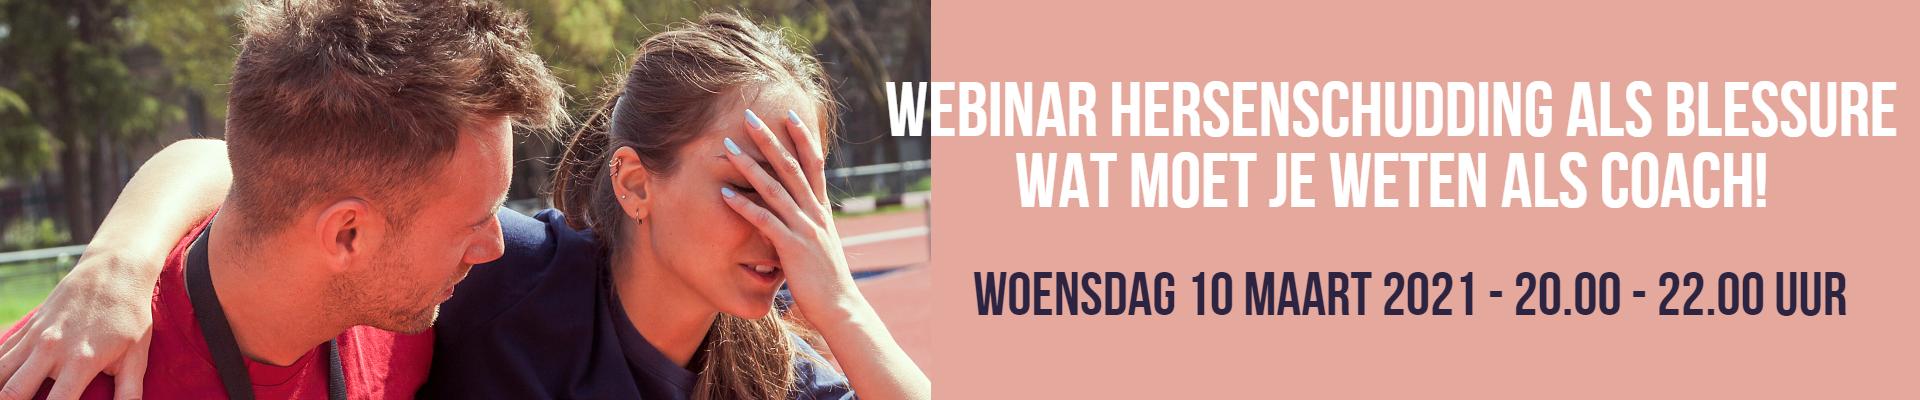 Webinar Hersenschudding als blessure: wat moet je weten als coach!